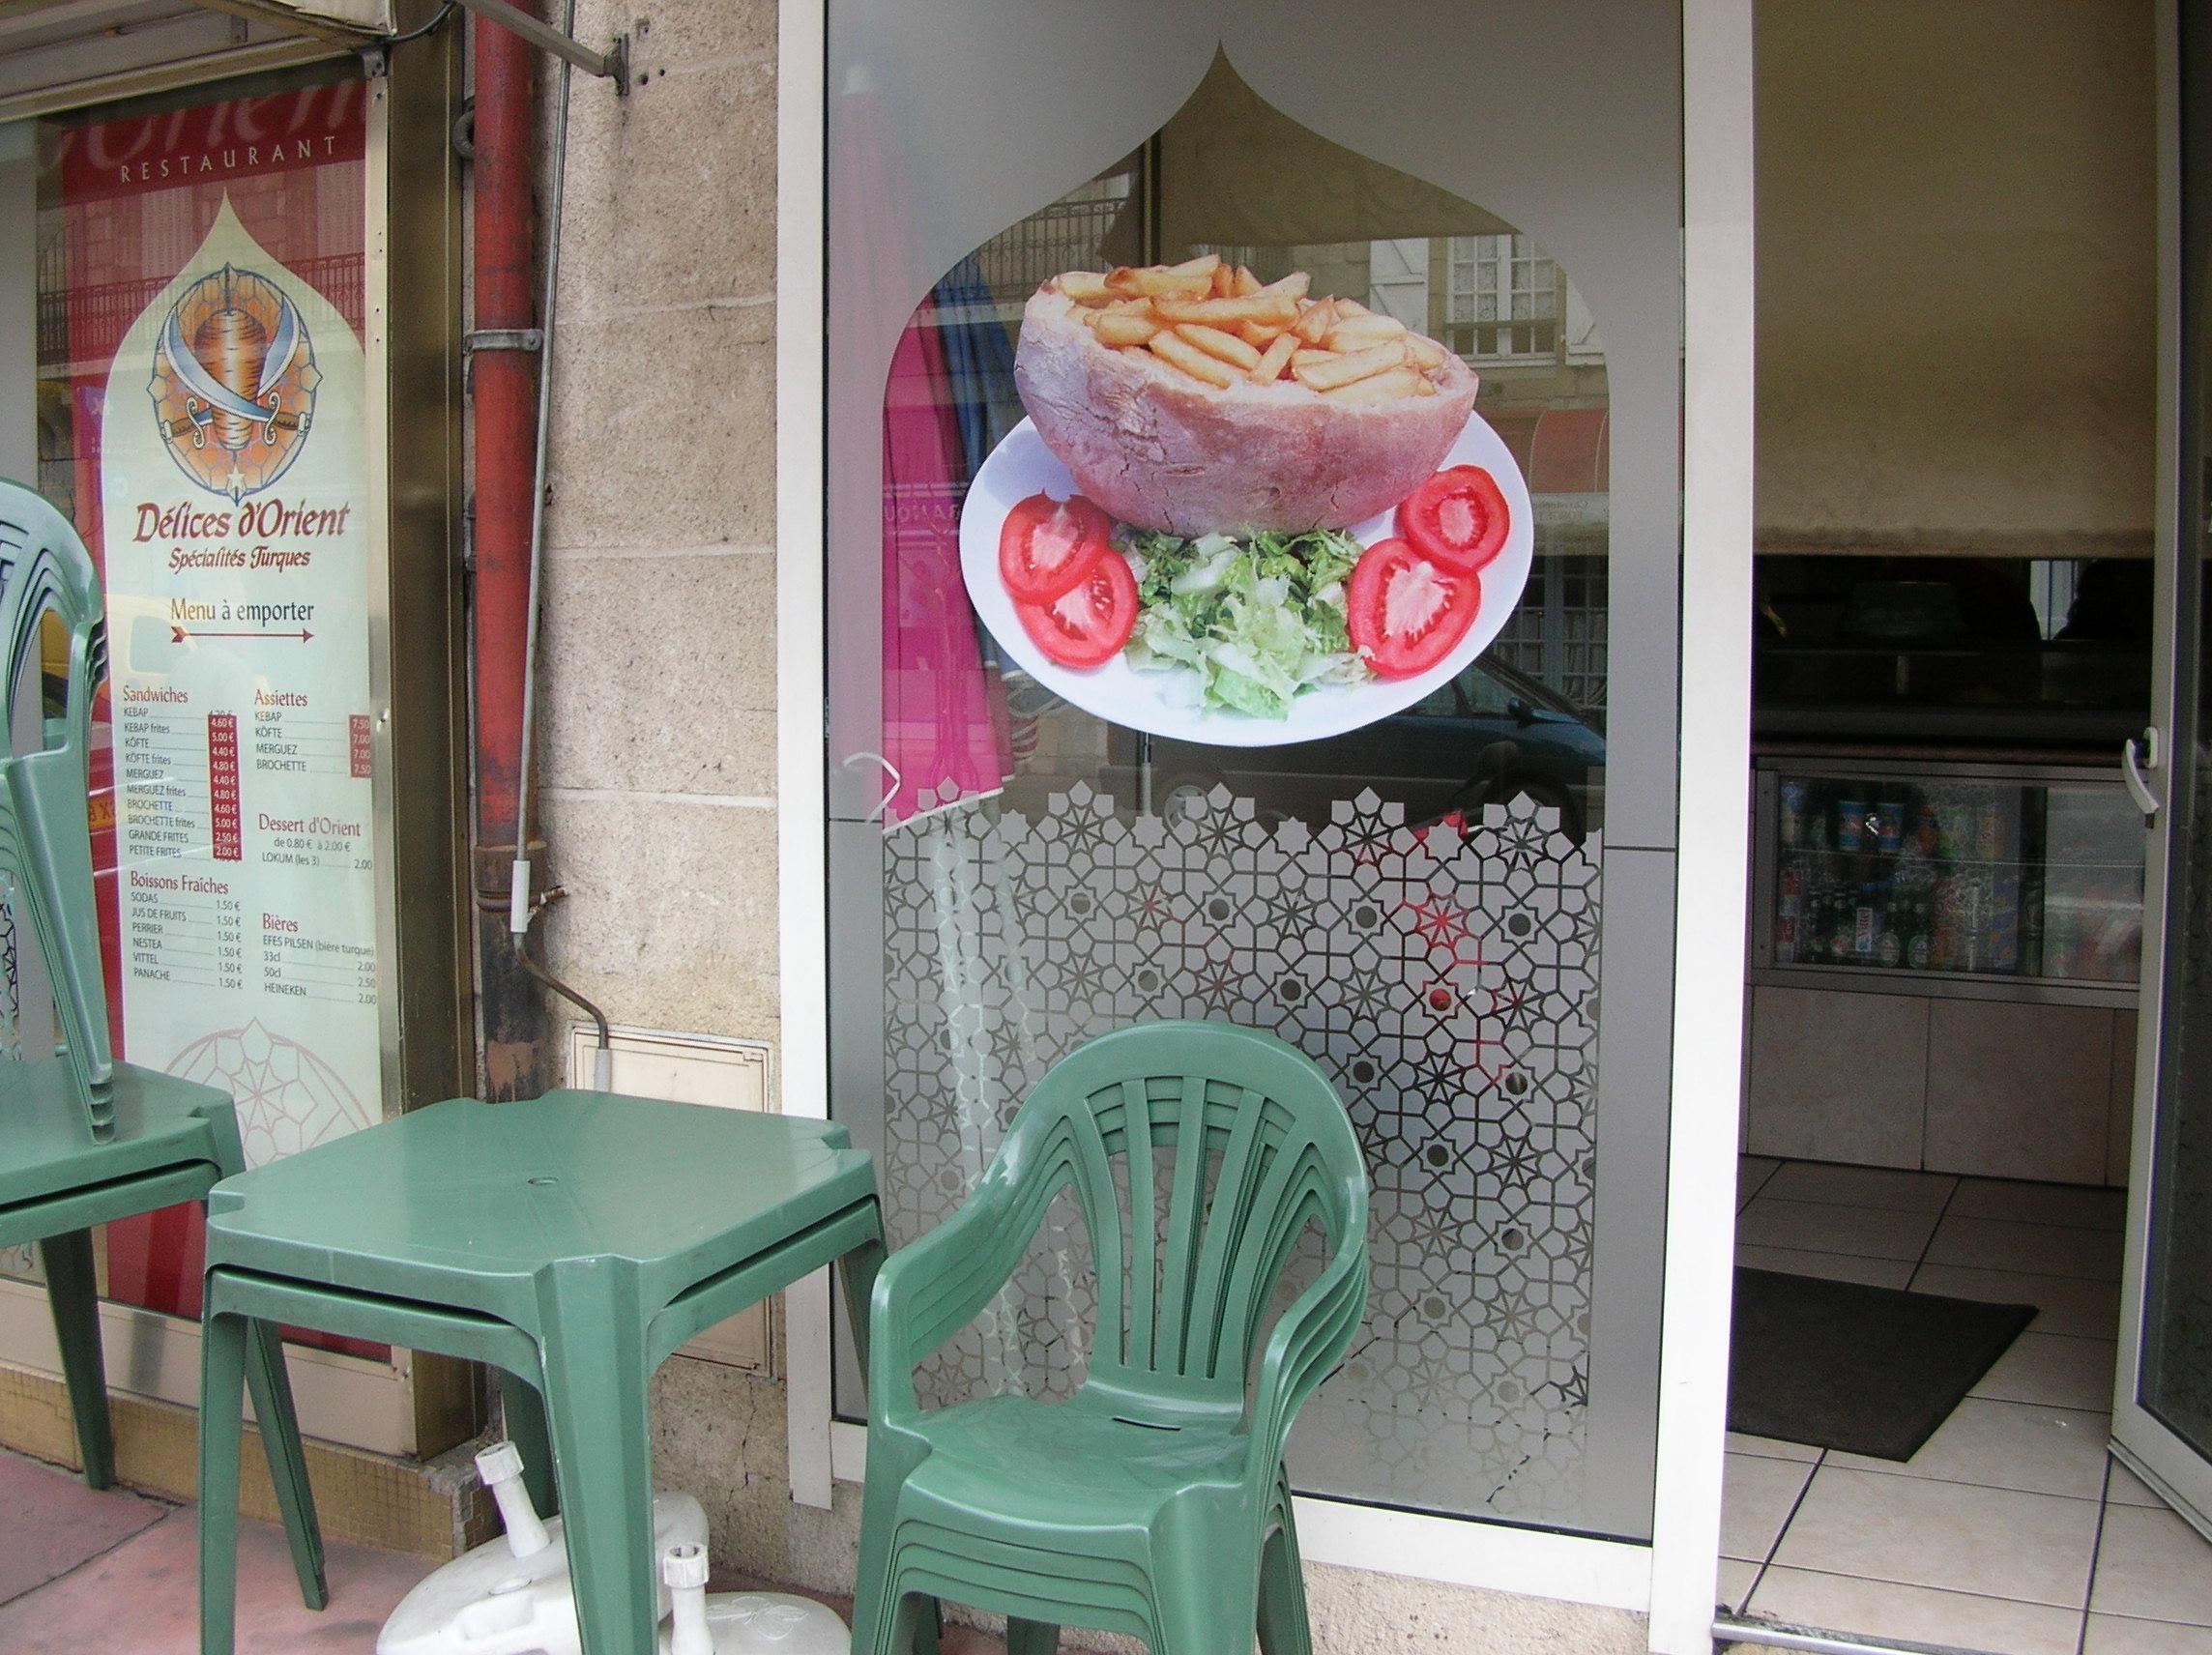 Délices d'orient kebab - Brive-la-Gaillarde